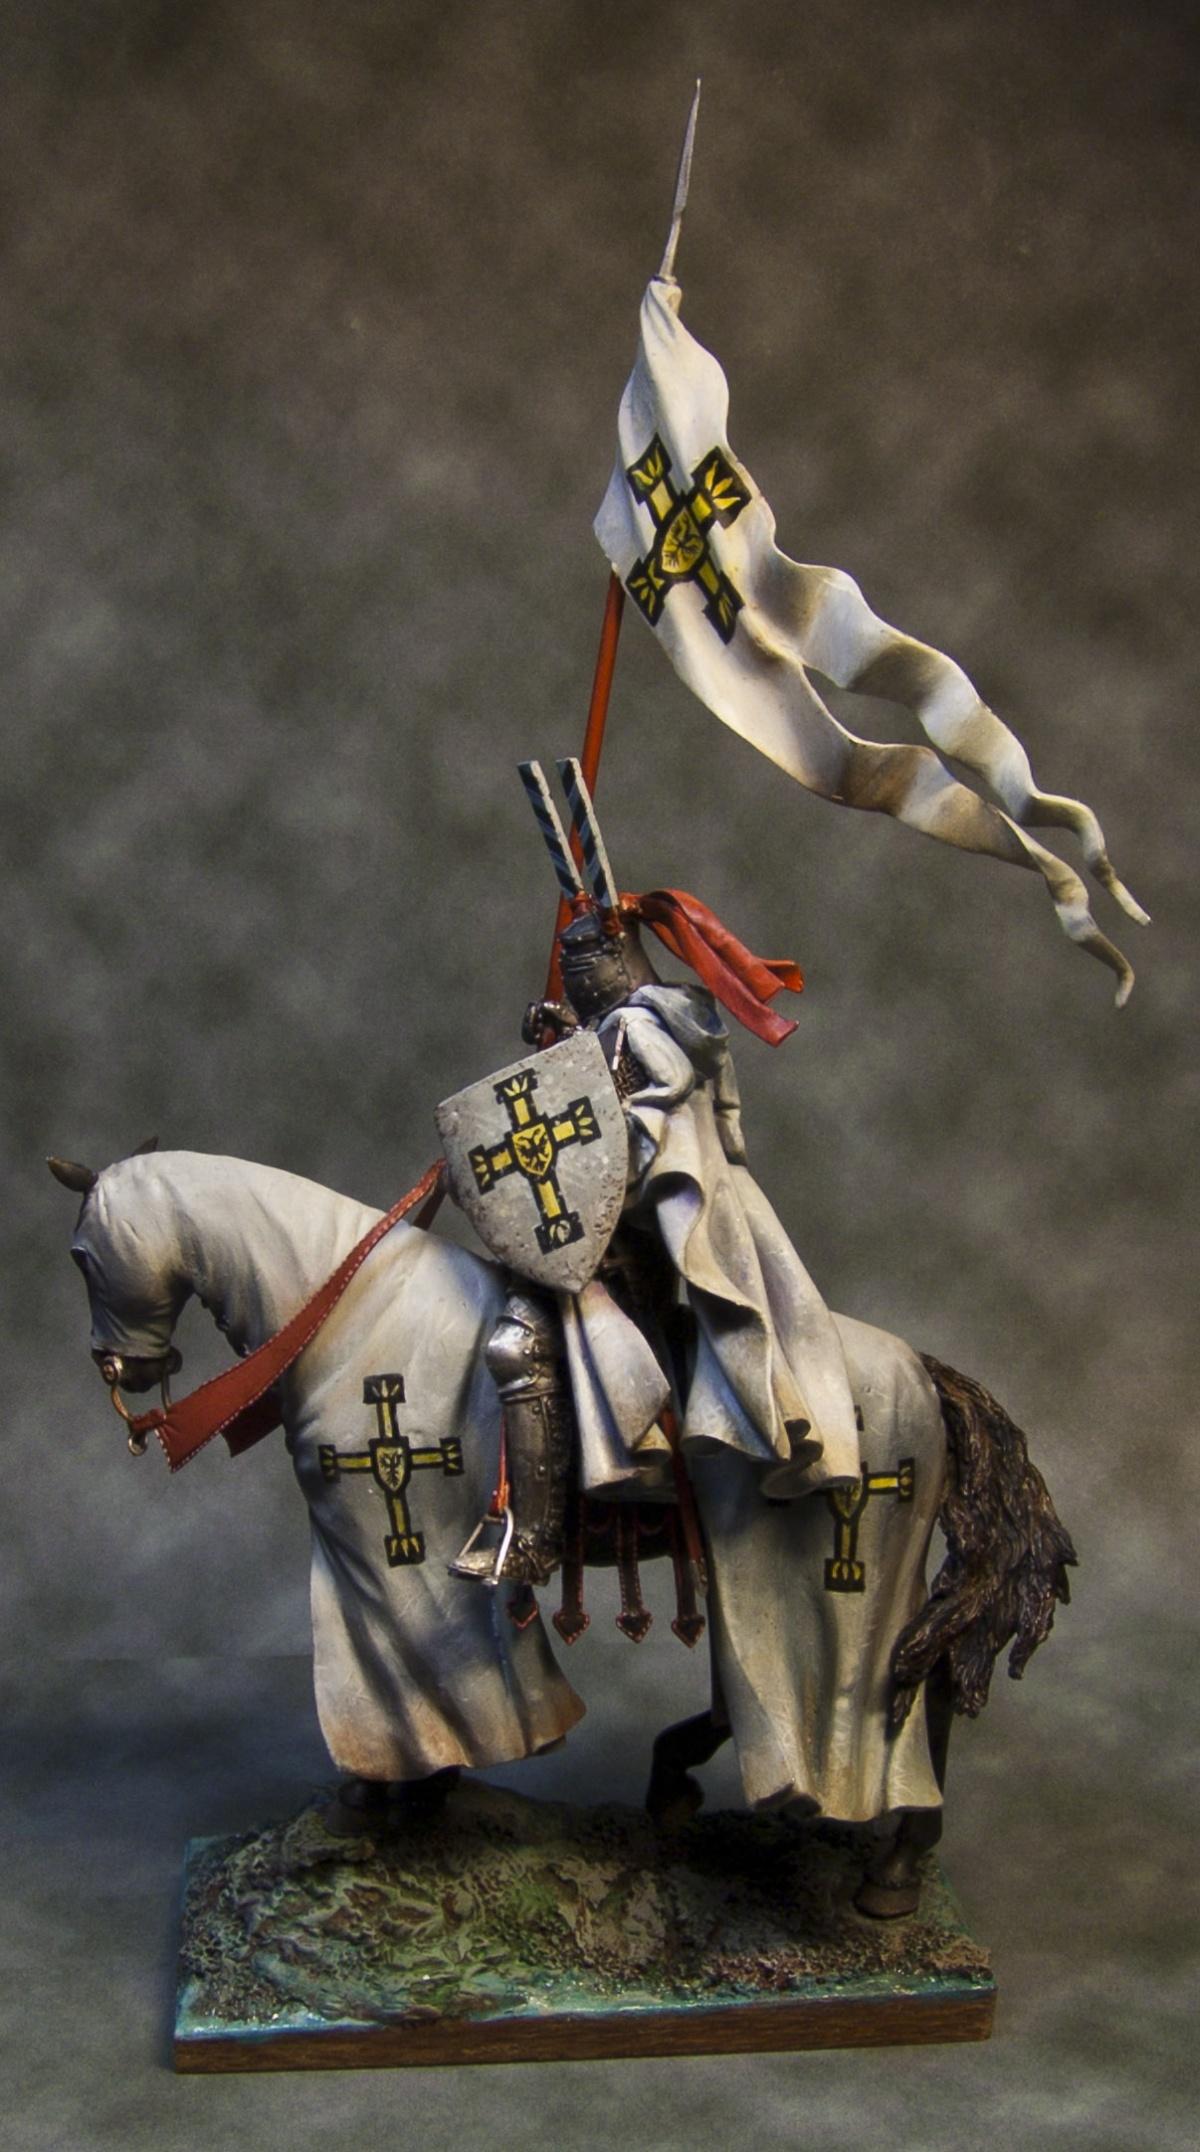 Teutonic Knight By Oxo Kod 183 Putty Amp Paint